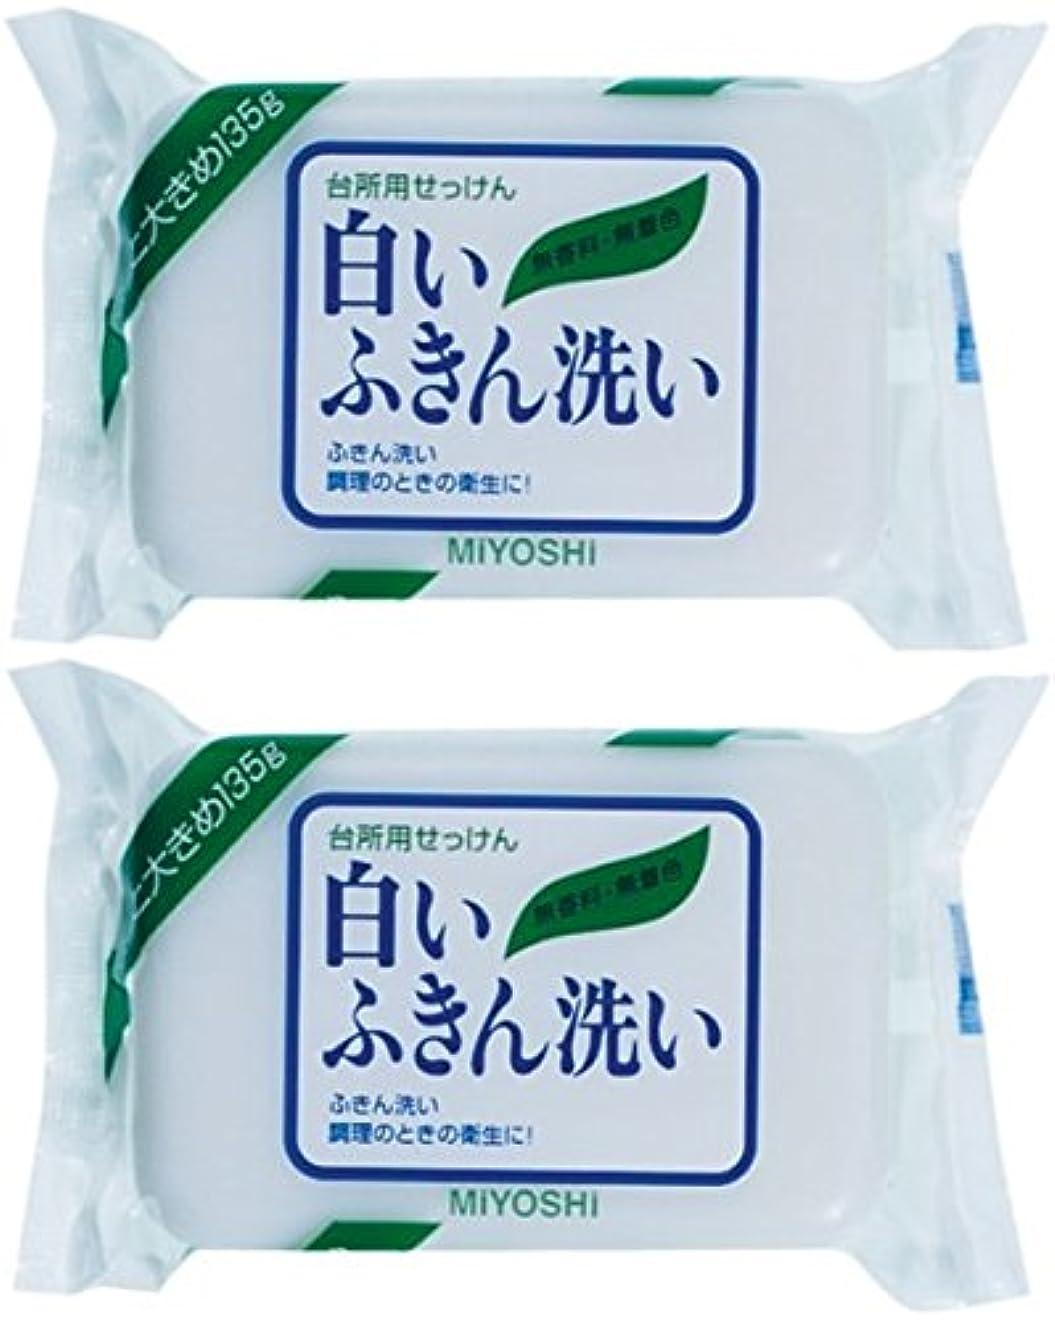 証明ファンド対応【まとめ買い】ミヨシ 白いふきん洗い せっけん 135g ×2セット